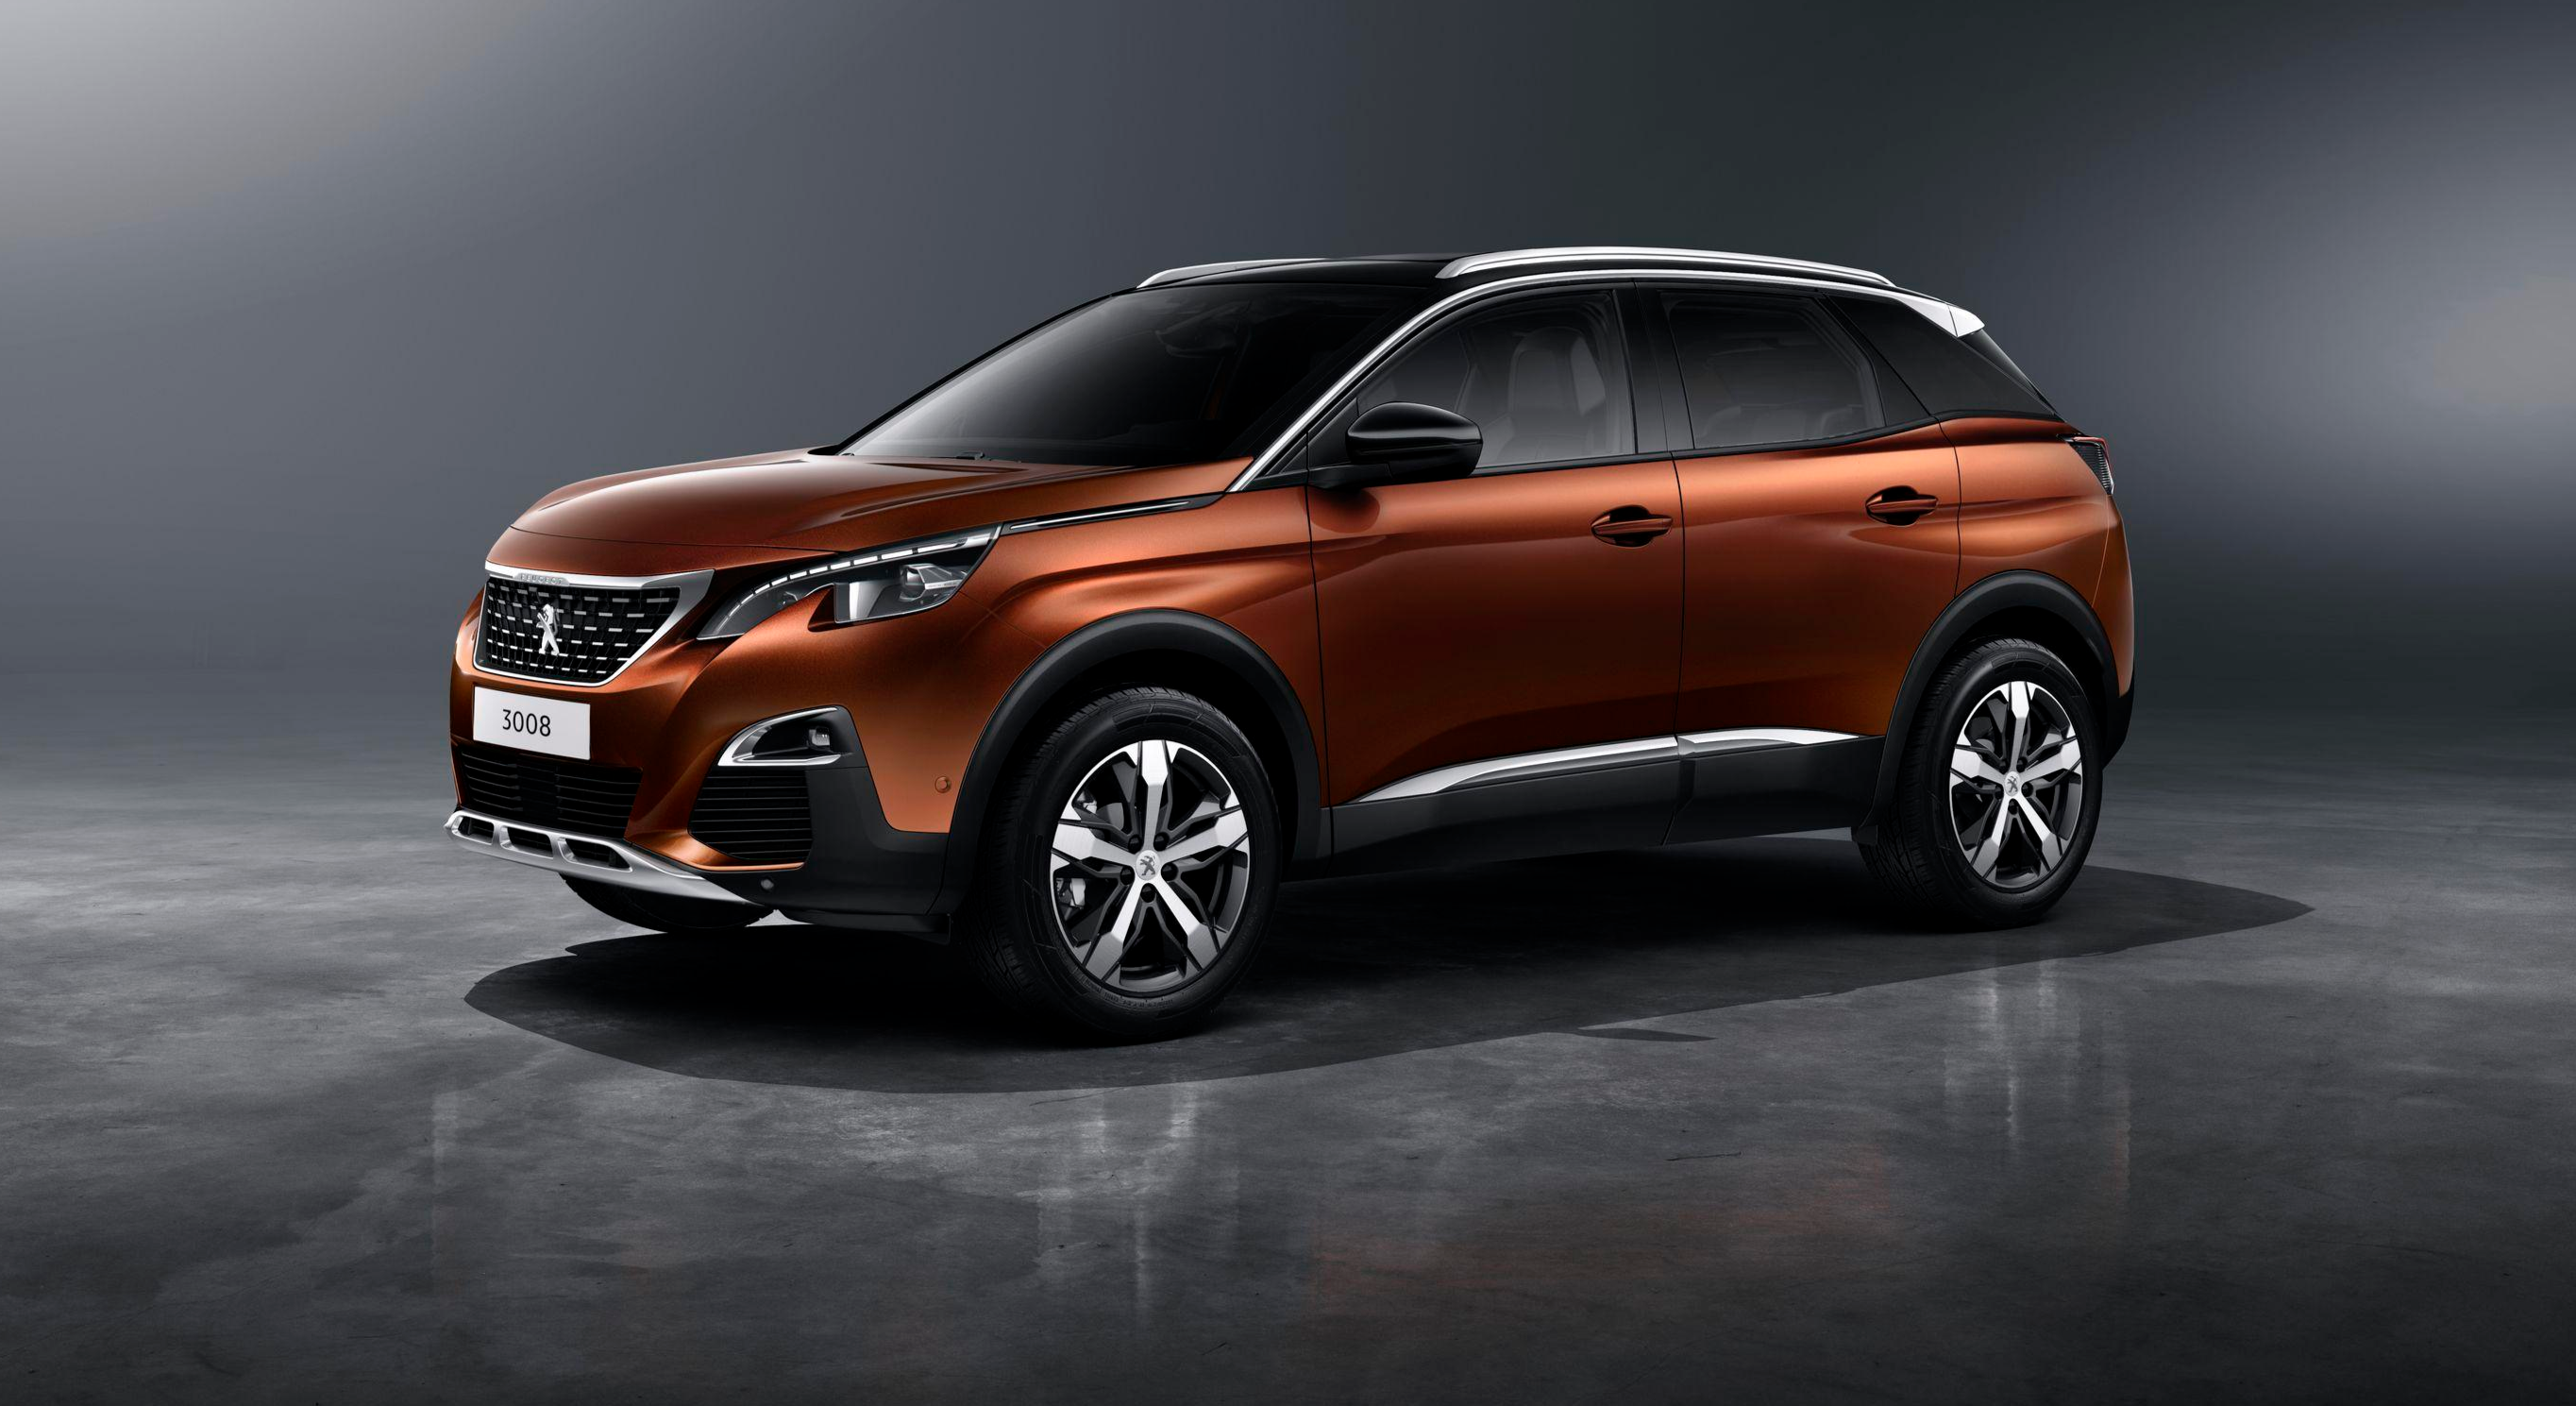 Nouvelle Peugeot 3008 2016 : hybride rechargeable en 2019 ?